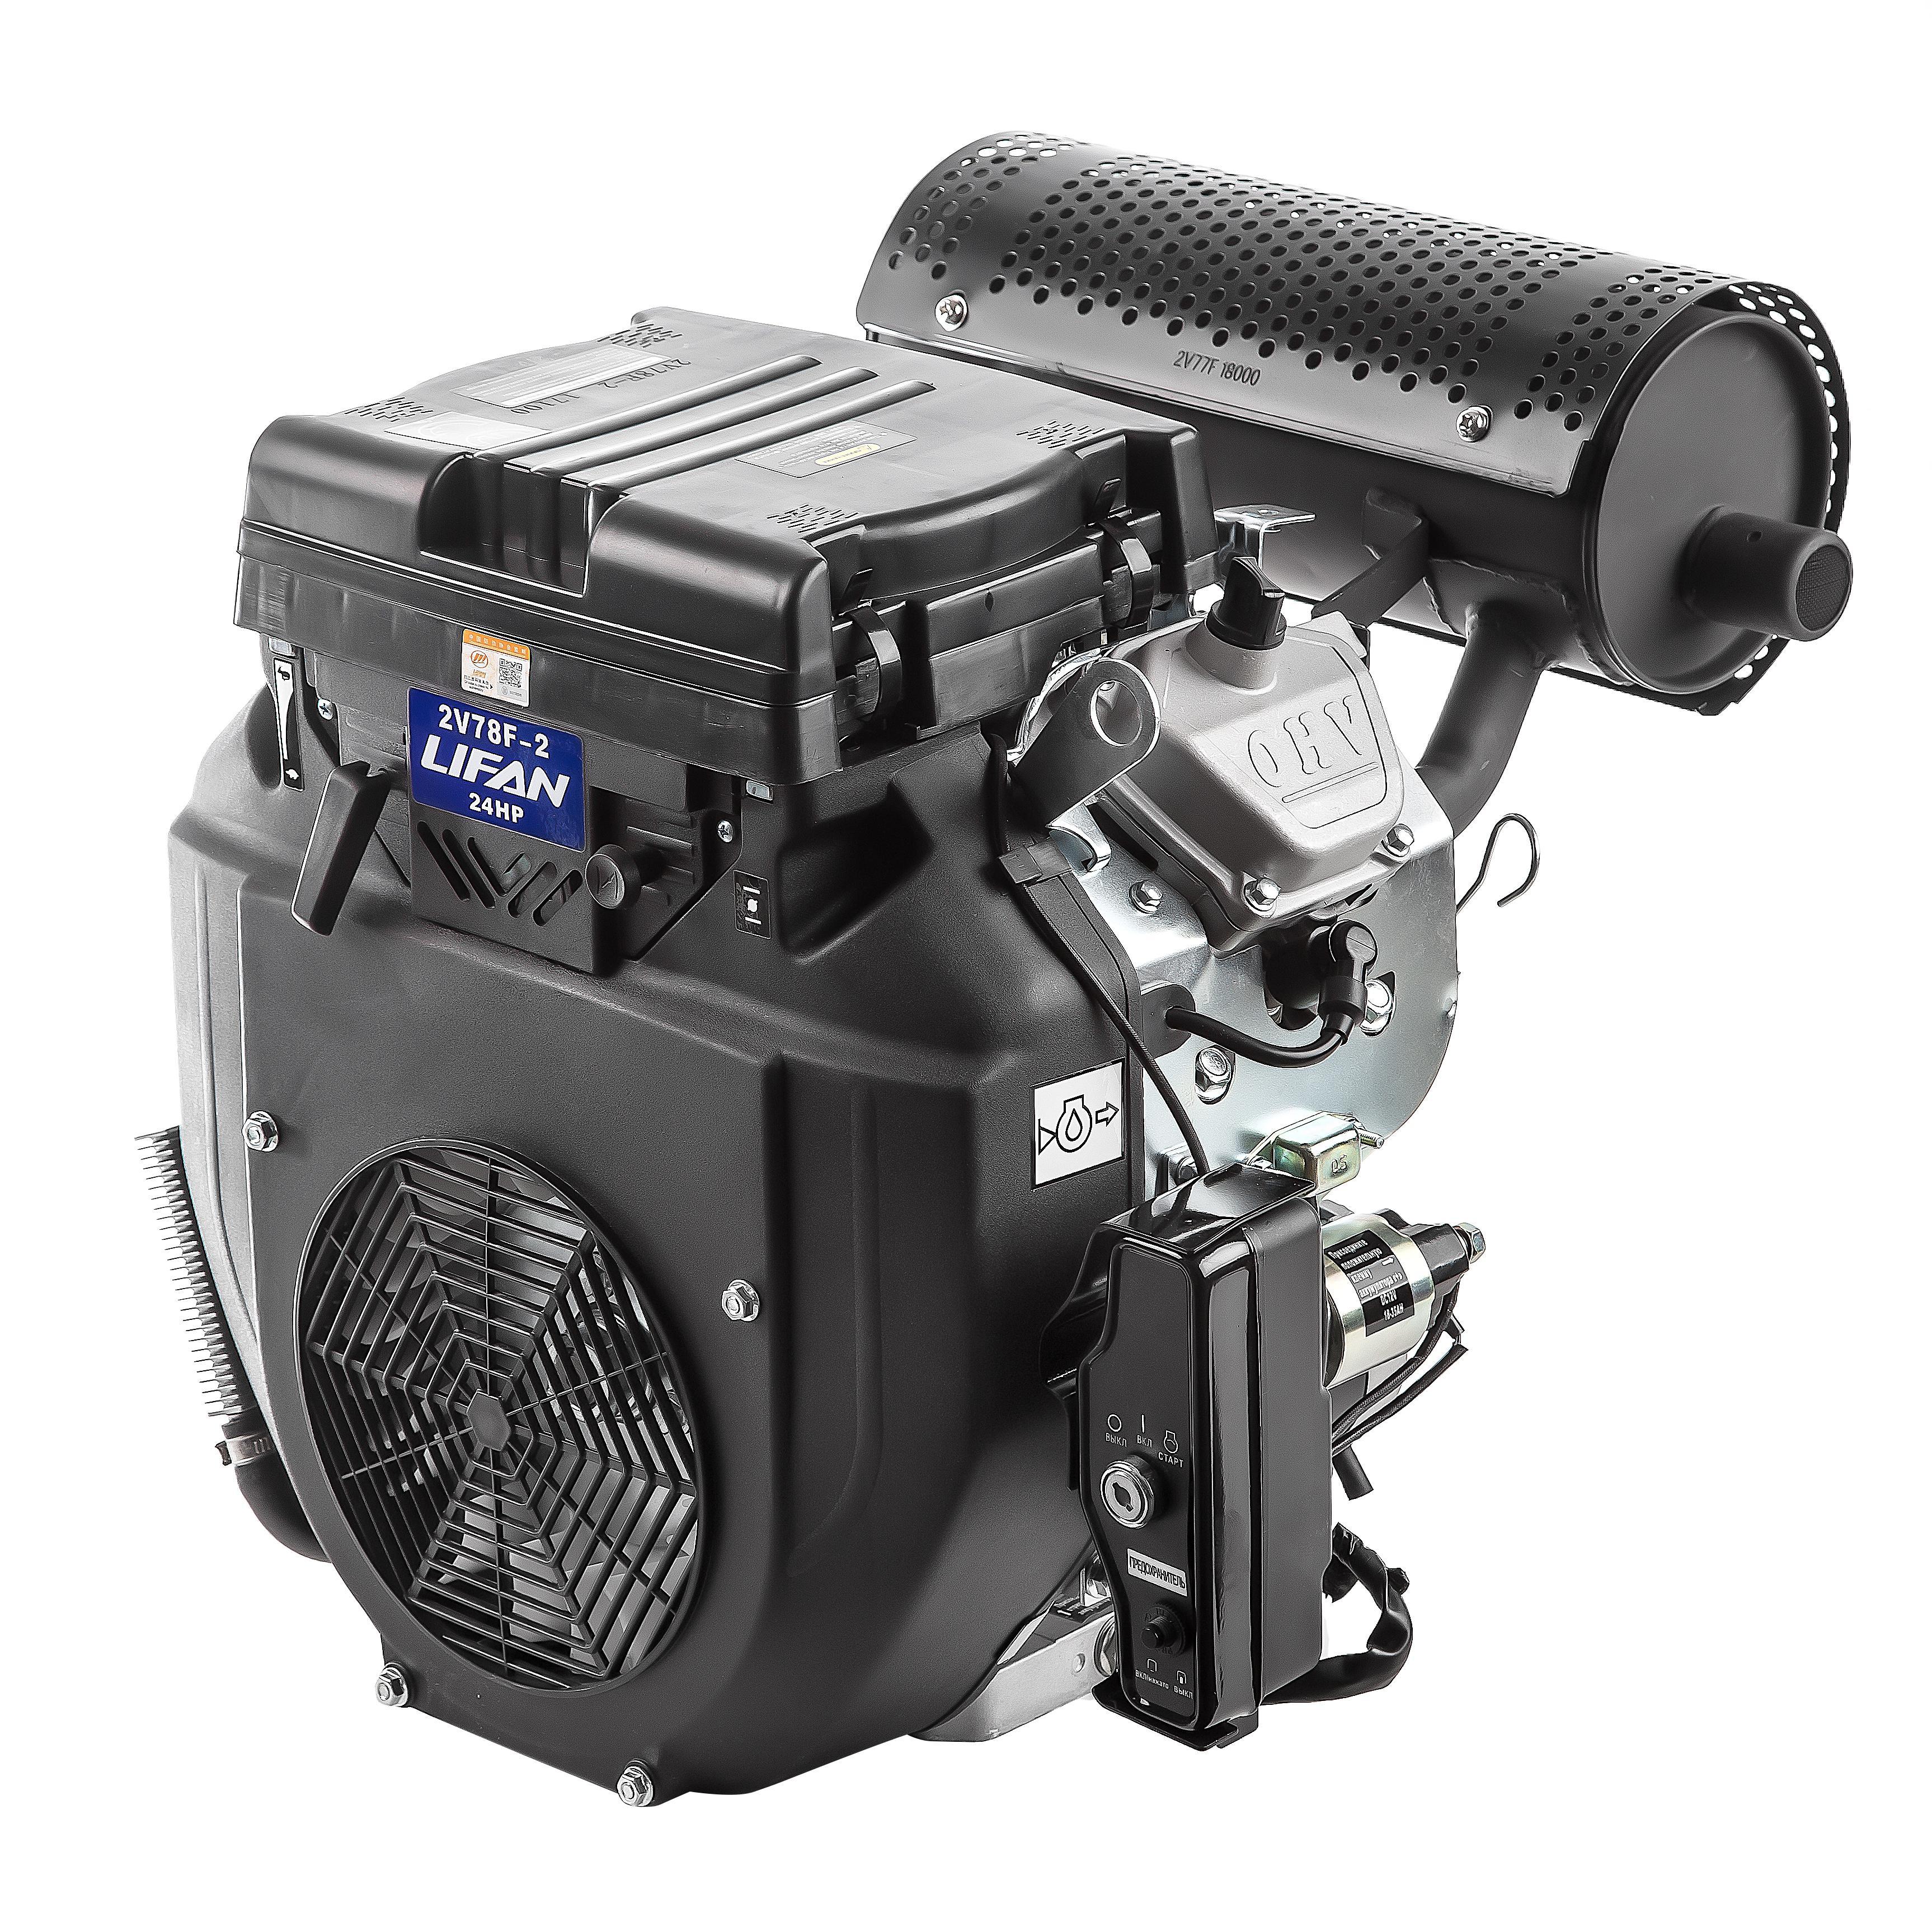 Двигатель Lifan 2v78f-2 двигатель lifan 168f 2l